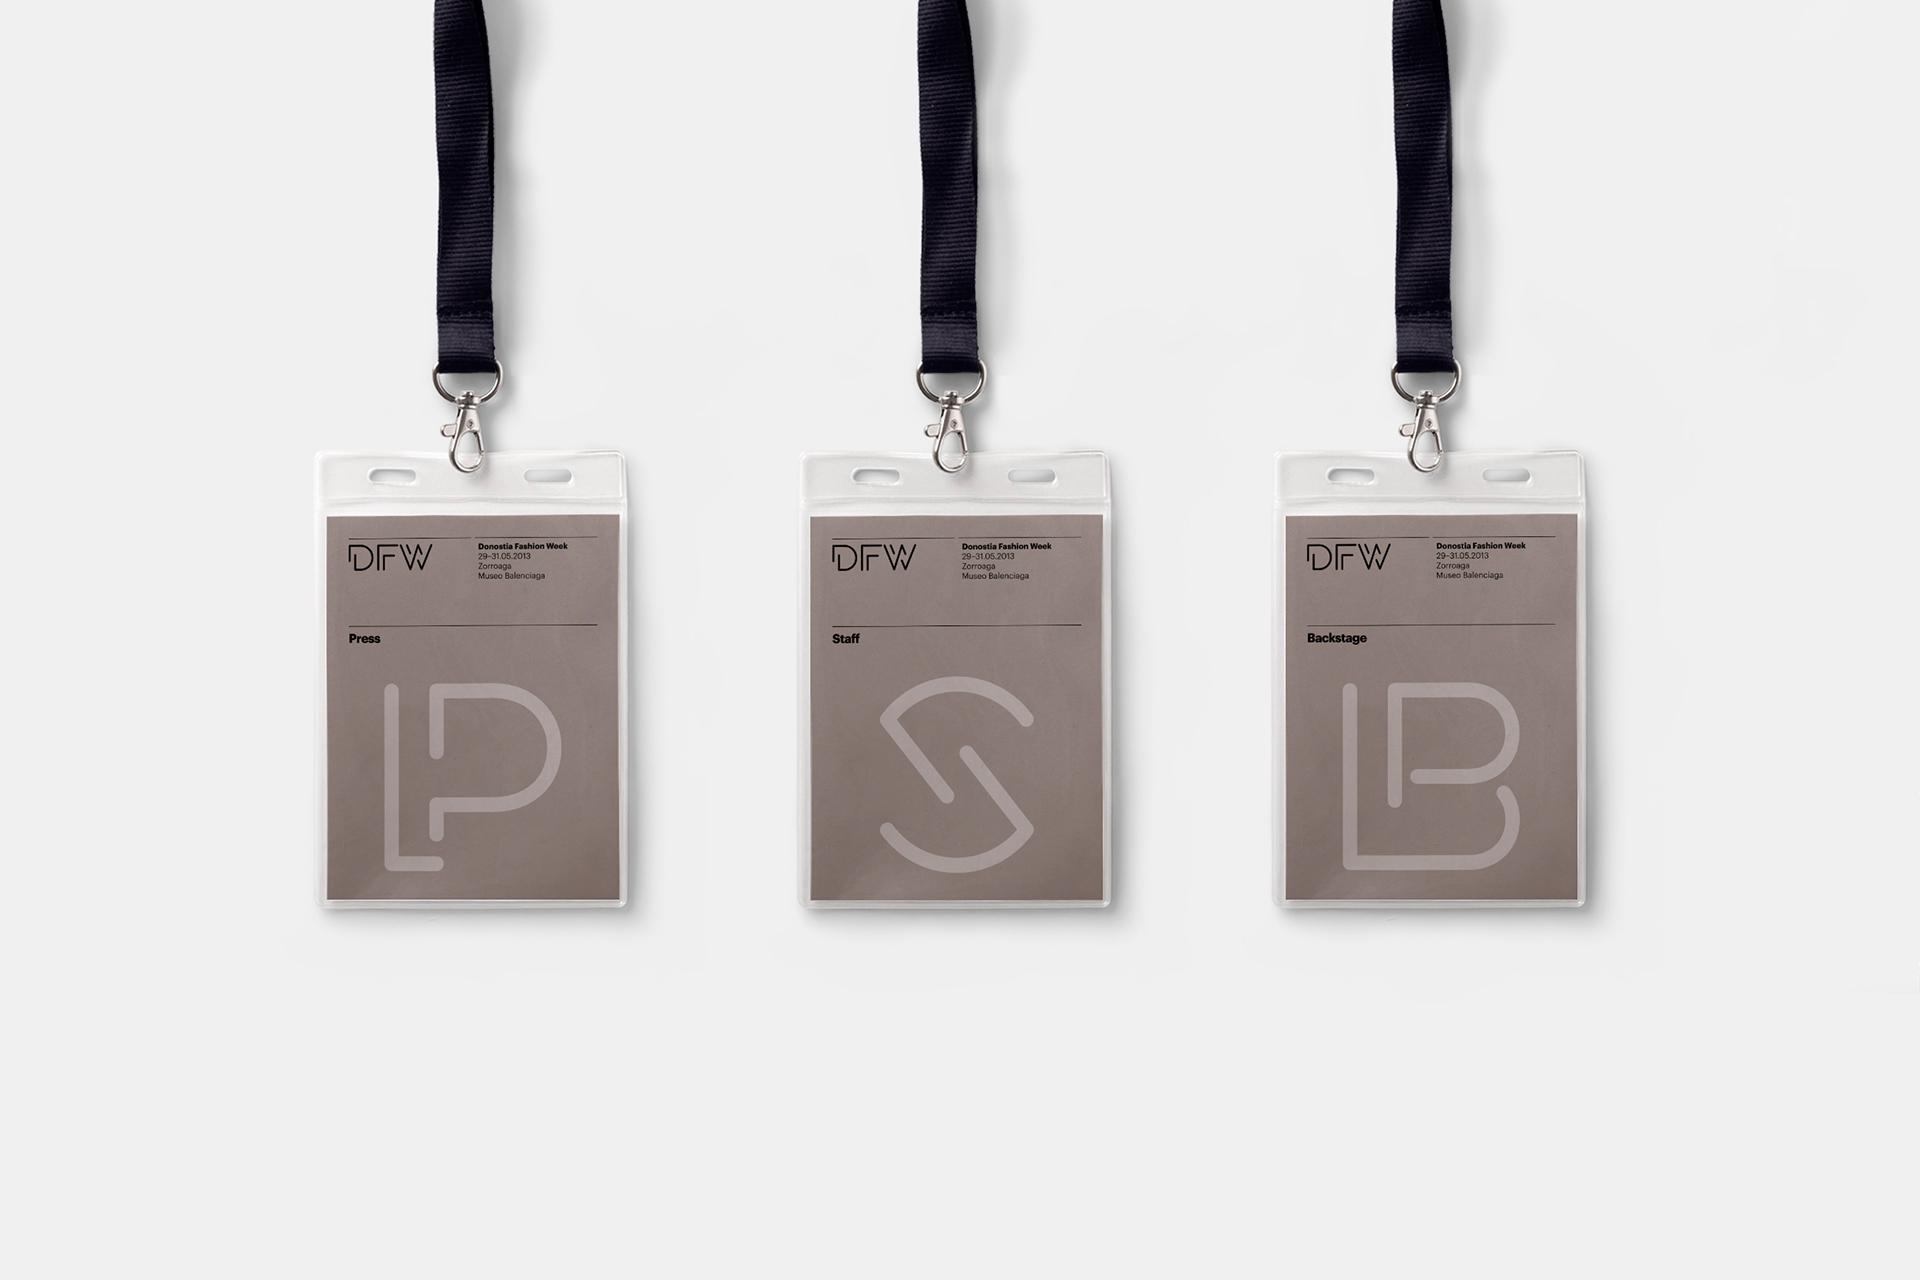 Fase, estudio de diseño gráfico. Identidad visual y tipografía para Donostia Fashion Week. Acreditaciones